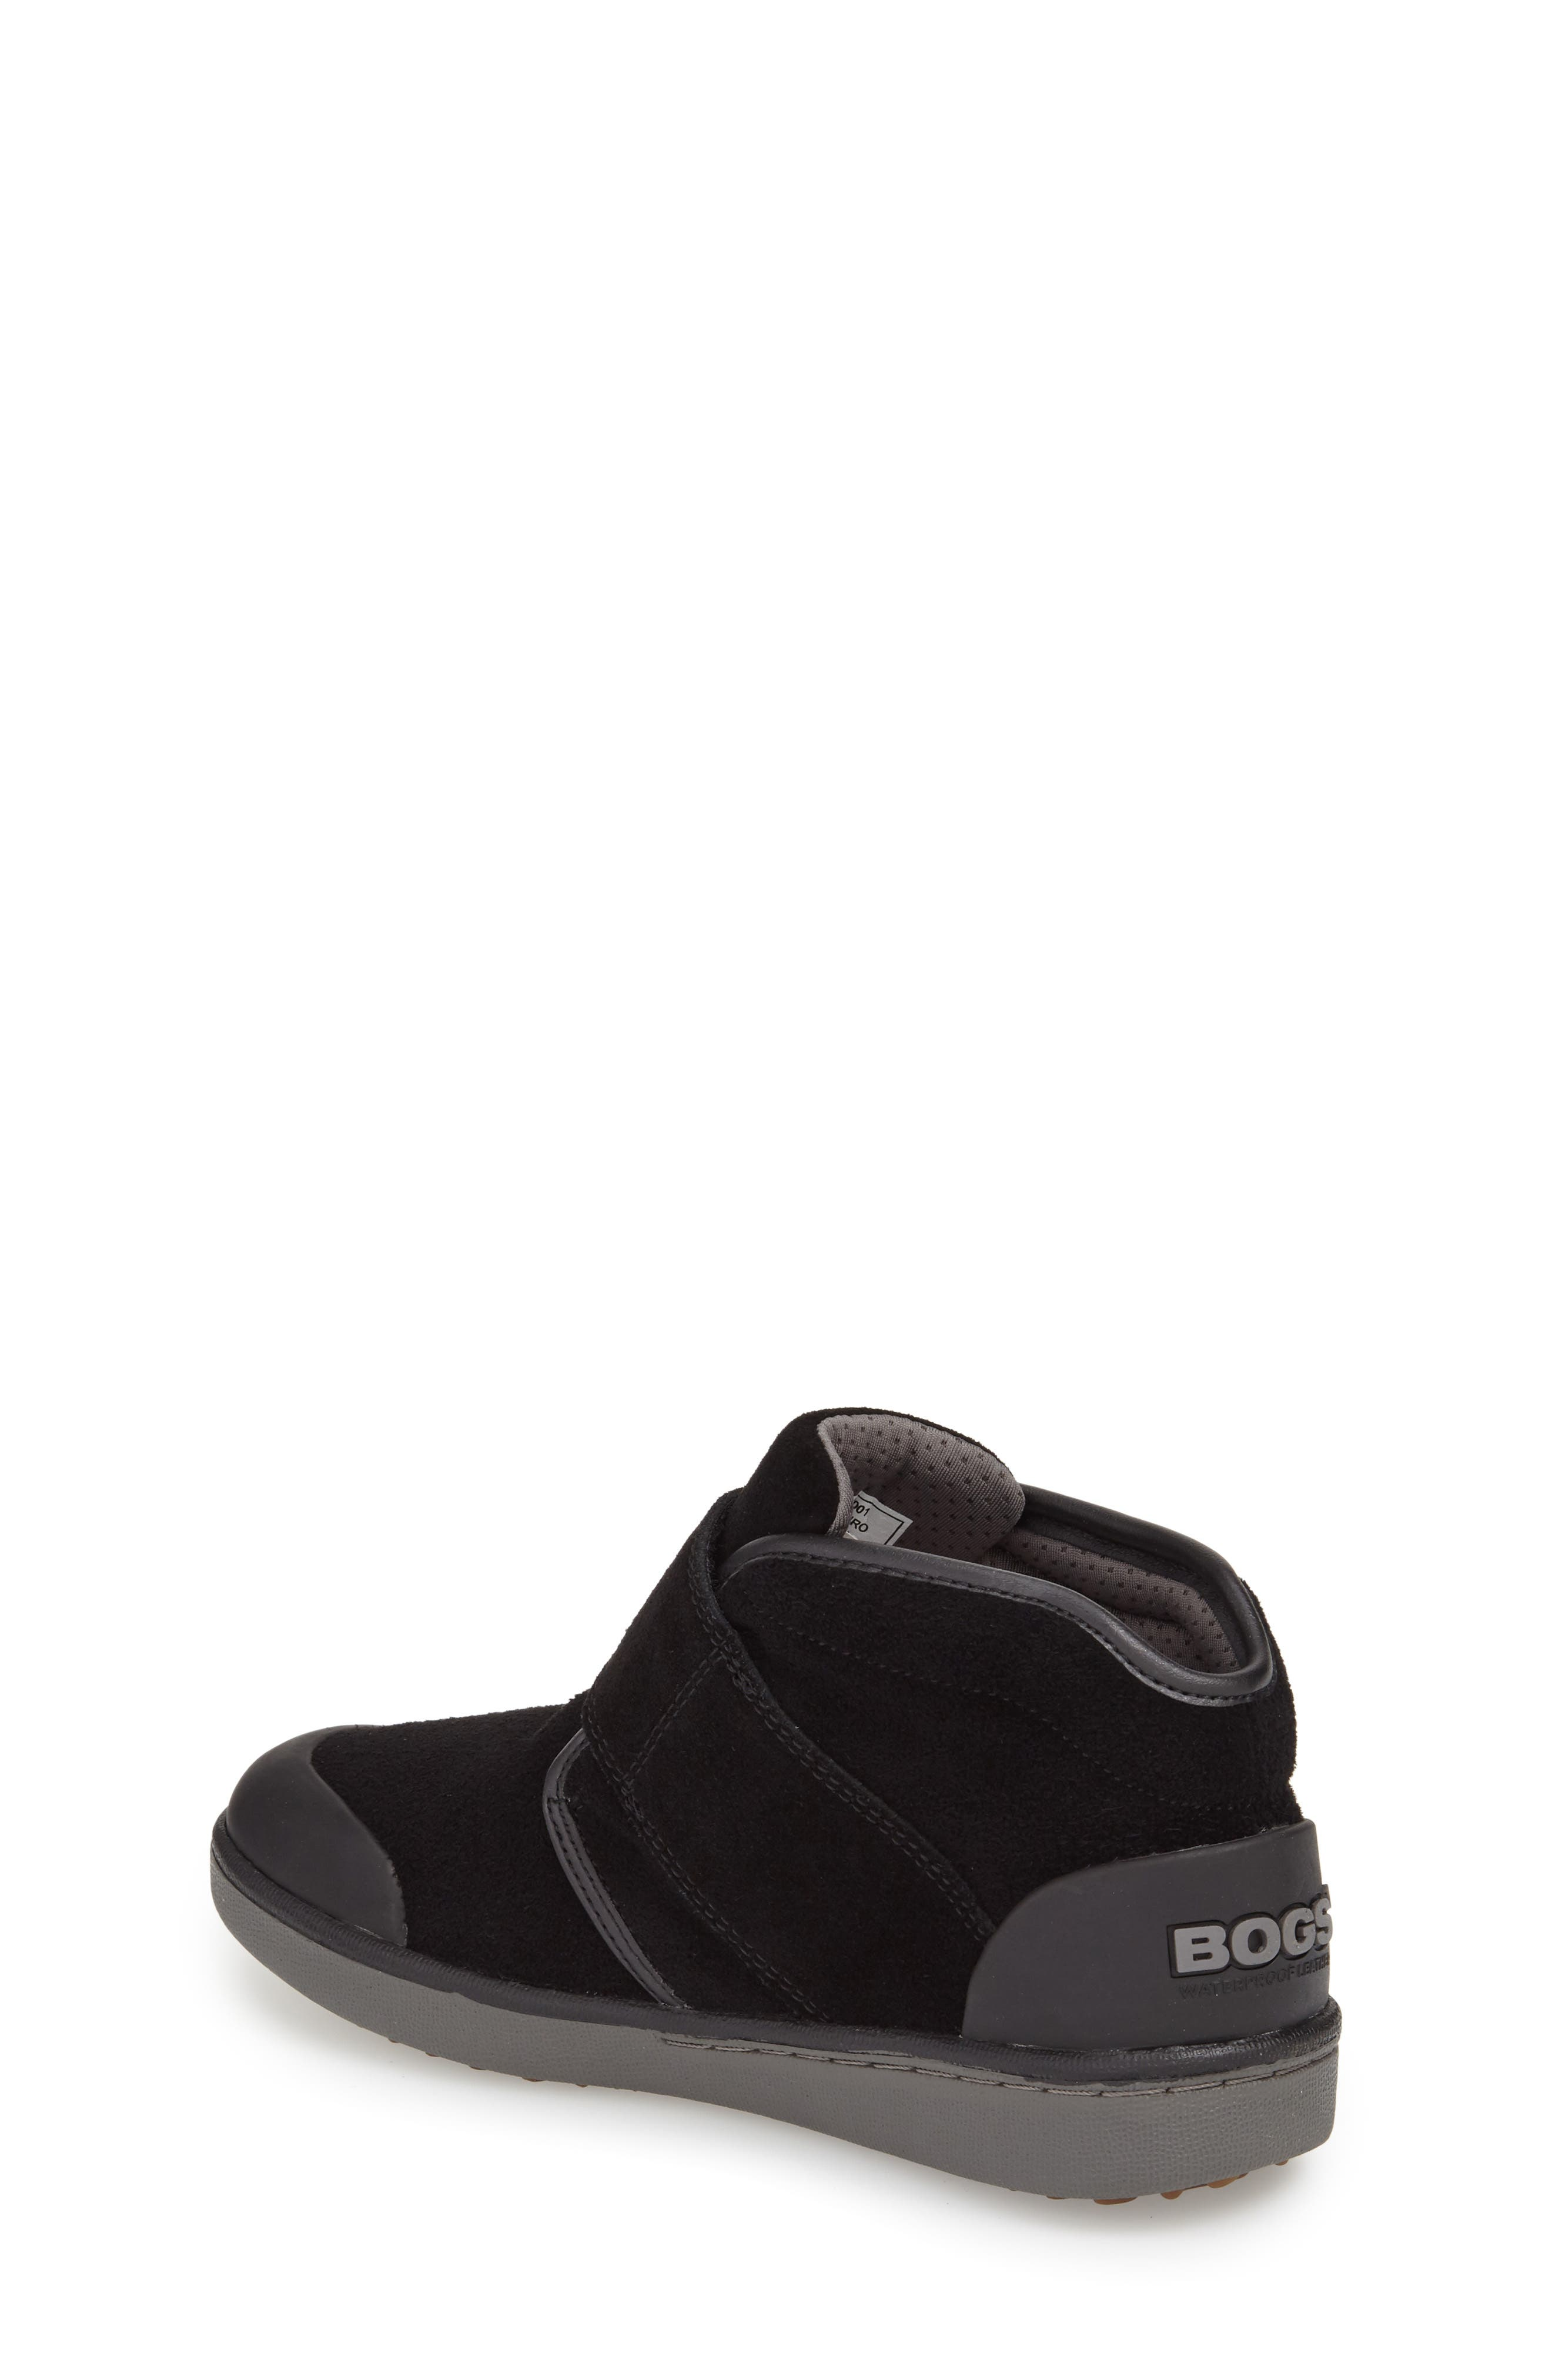 Alternate Image 2  - Bogs 'Sammy' Waterproof Sneaker (Walker, Toddler & Little Kid)